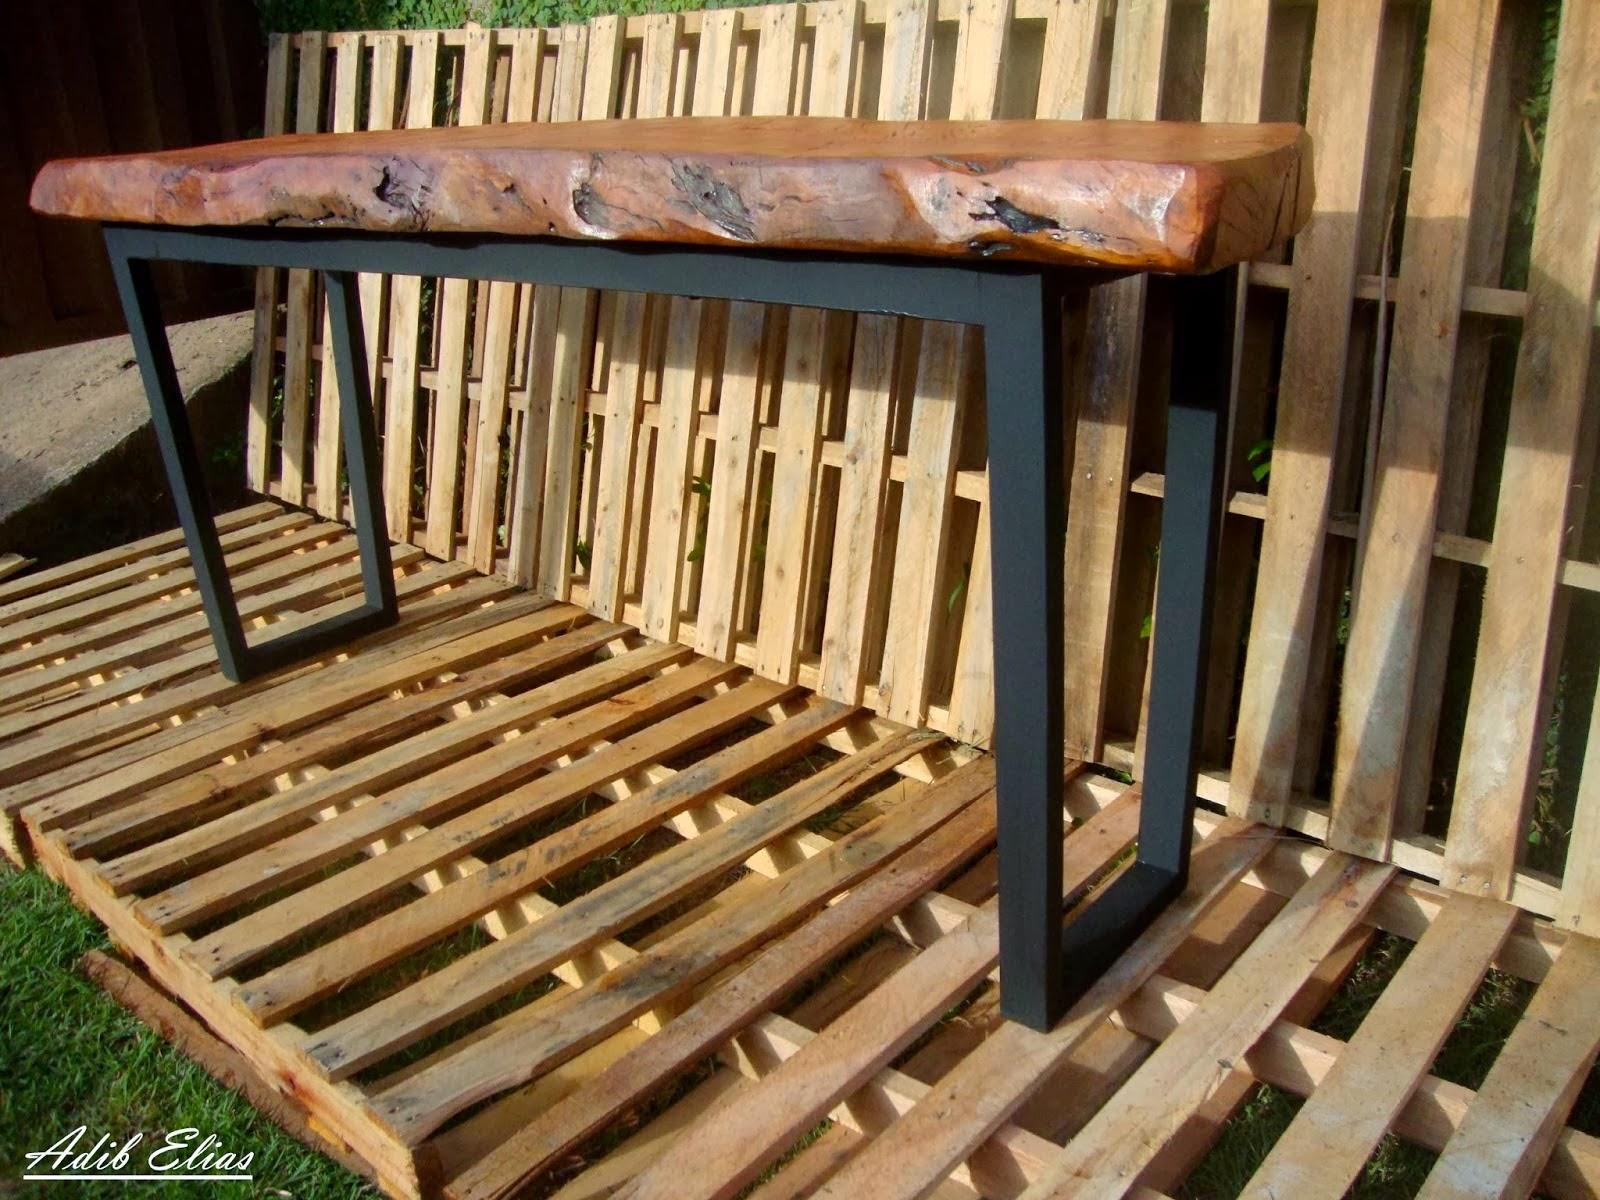 Aparador de madeira reciclada com base de pés de máquina de costura  #A67325 1600x1200